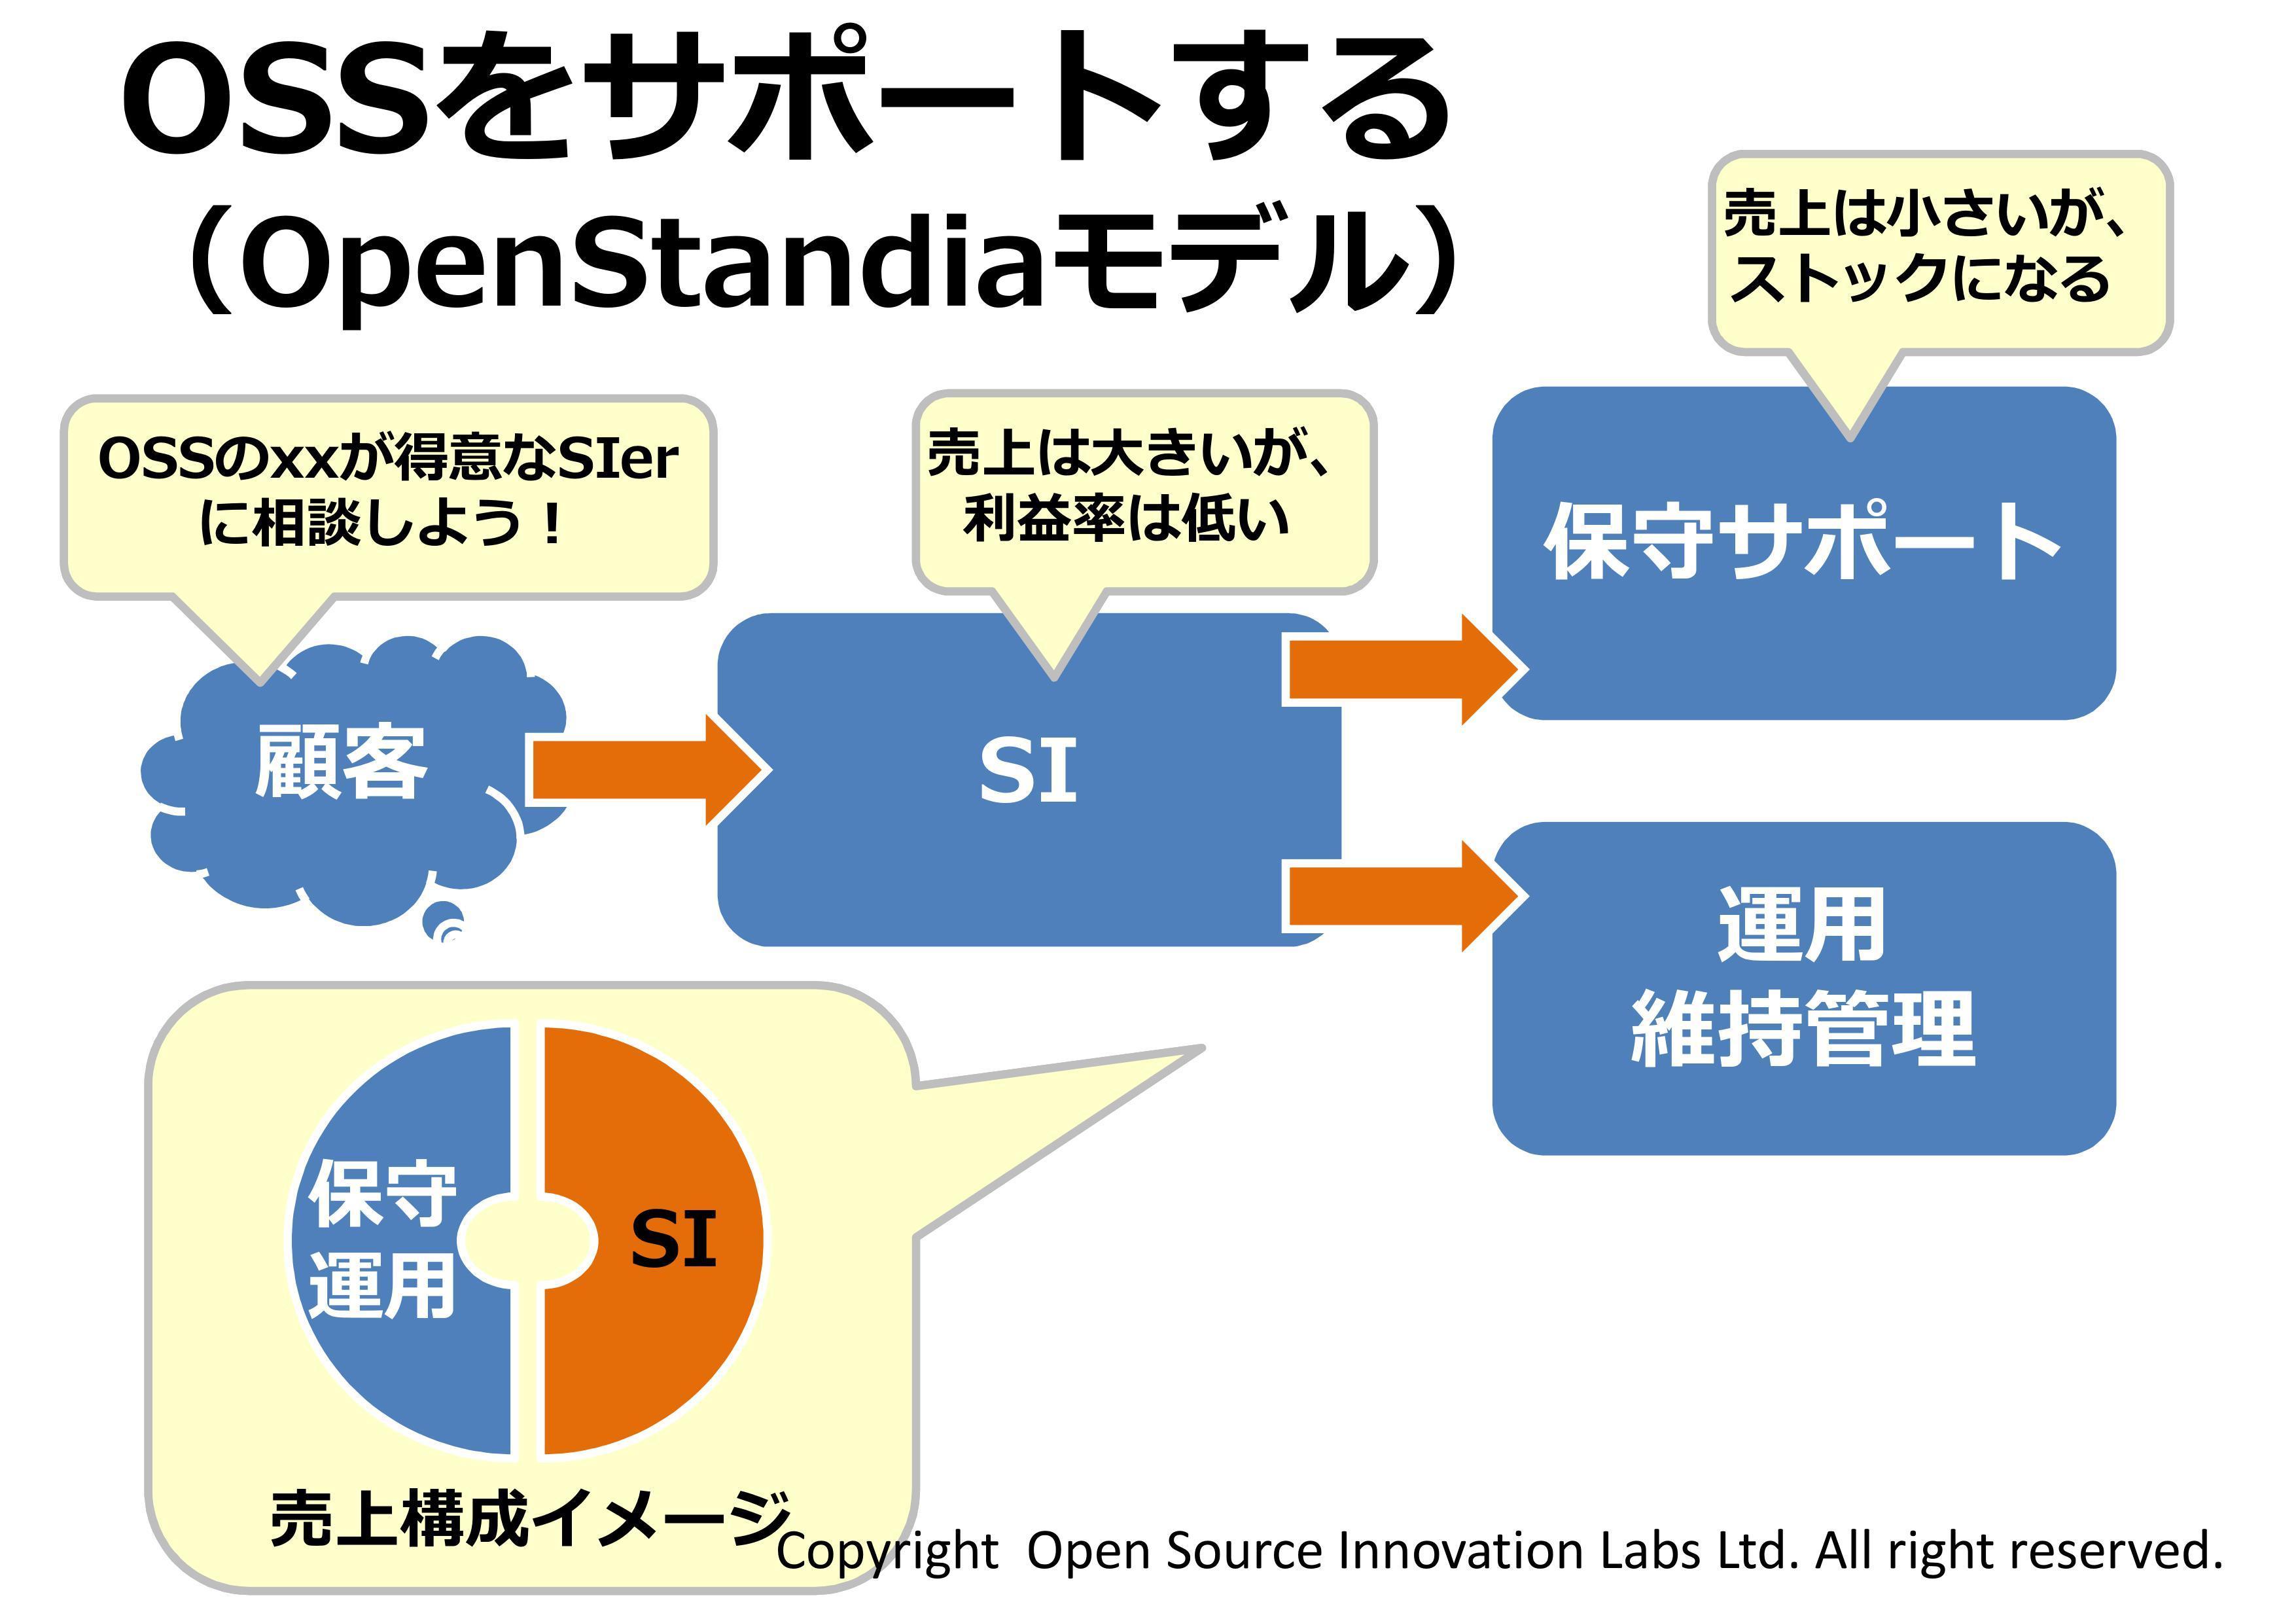 OSSビジネスのモデル